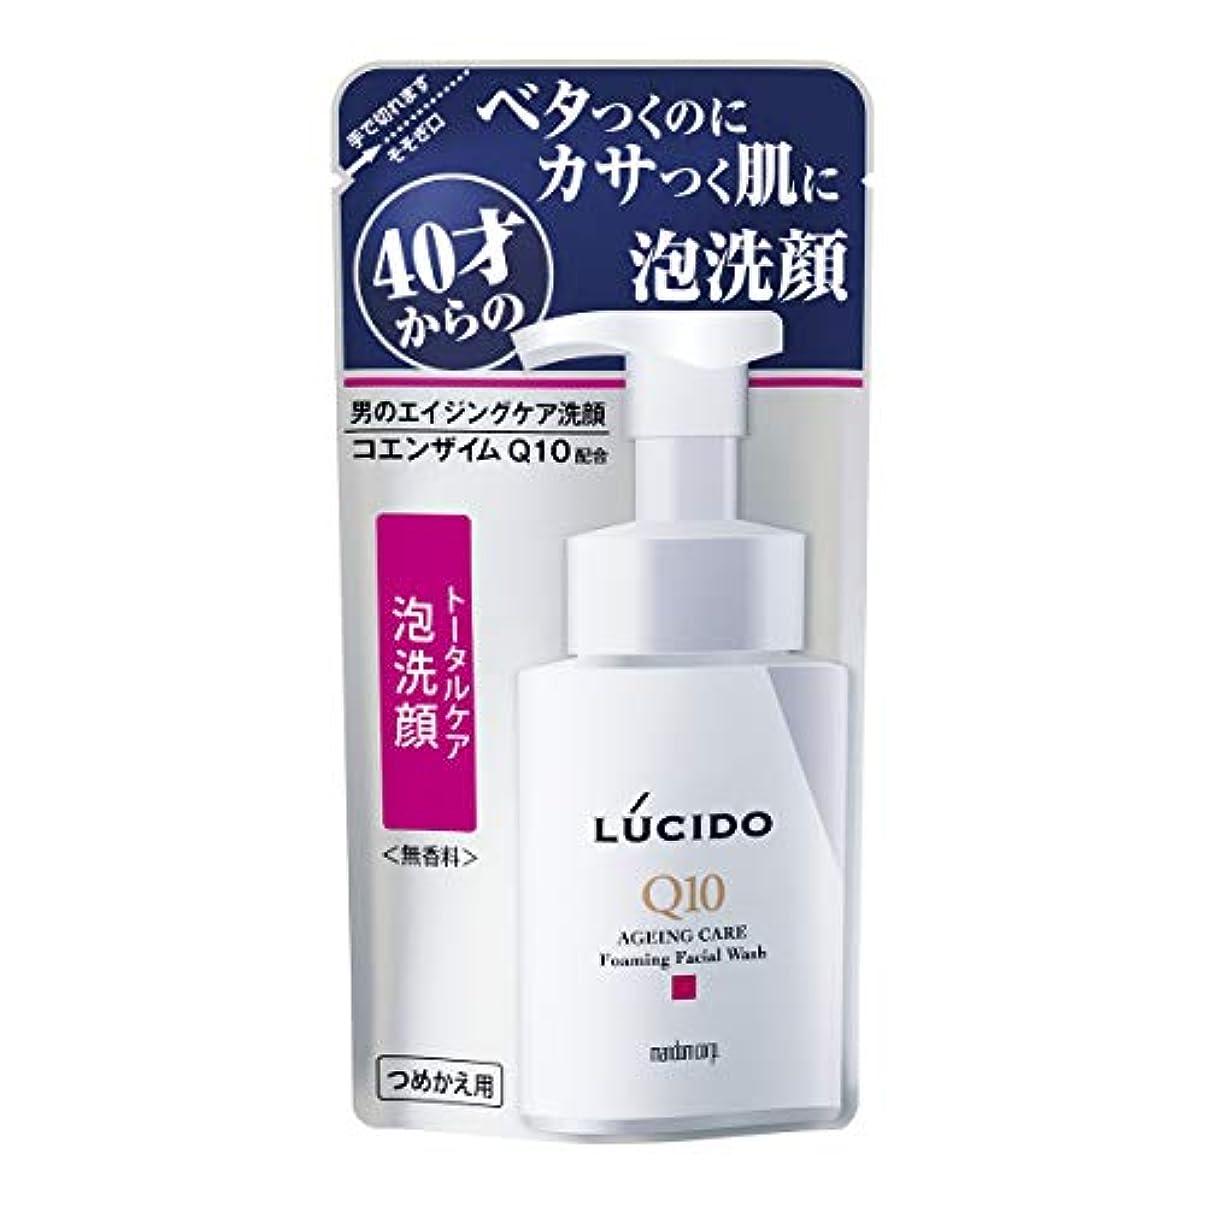 やさしい半円一次LUCIDO(ルシード) トータルケア泡洗顔 つめかえ用 Q10 130mL